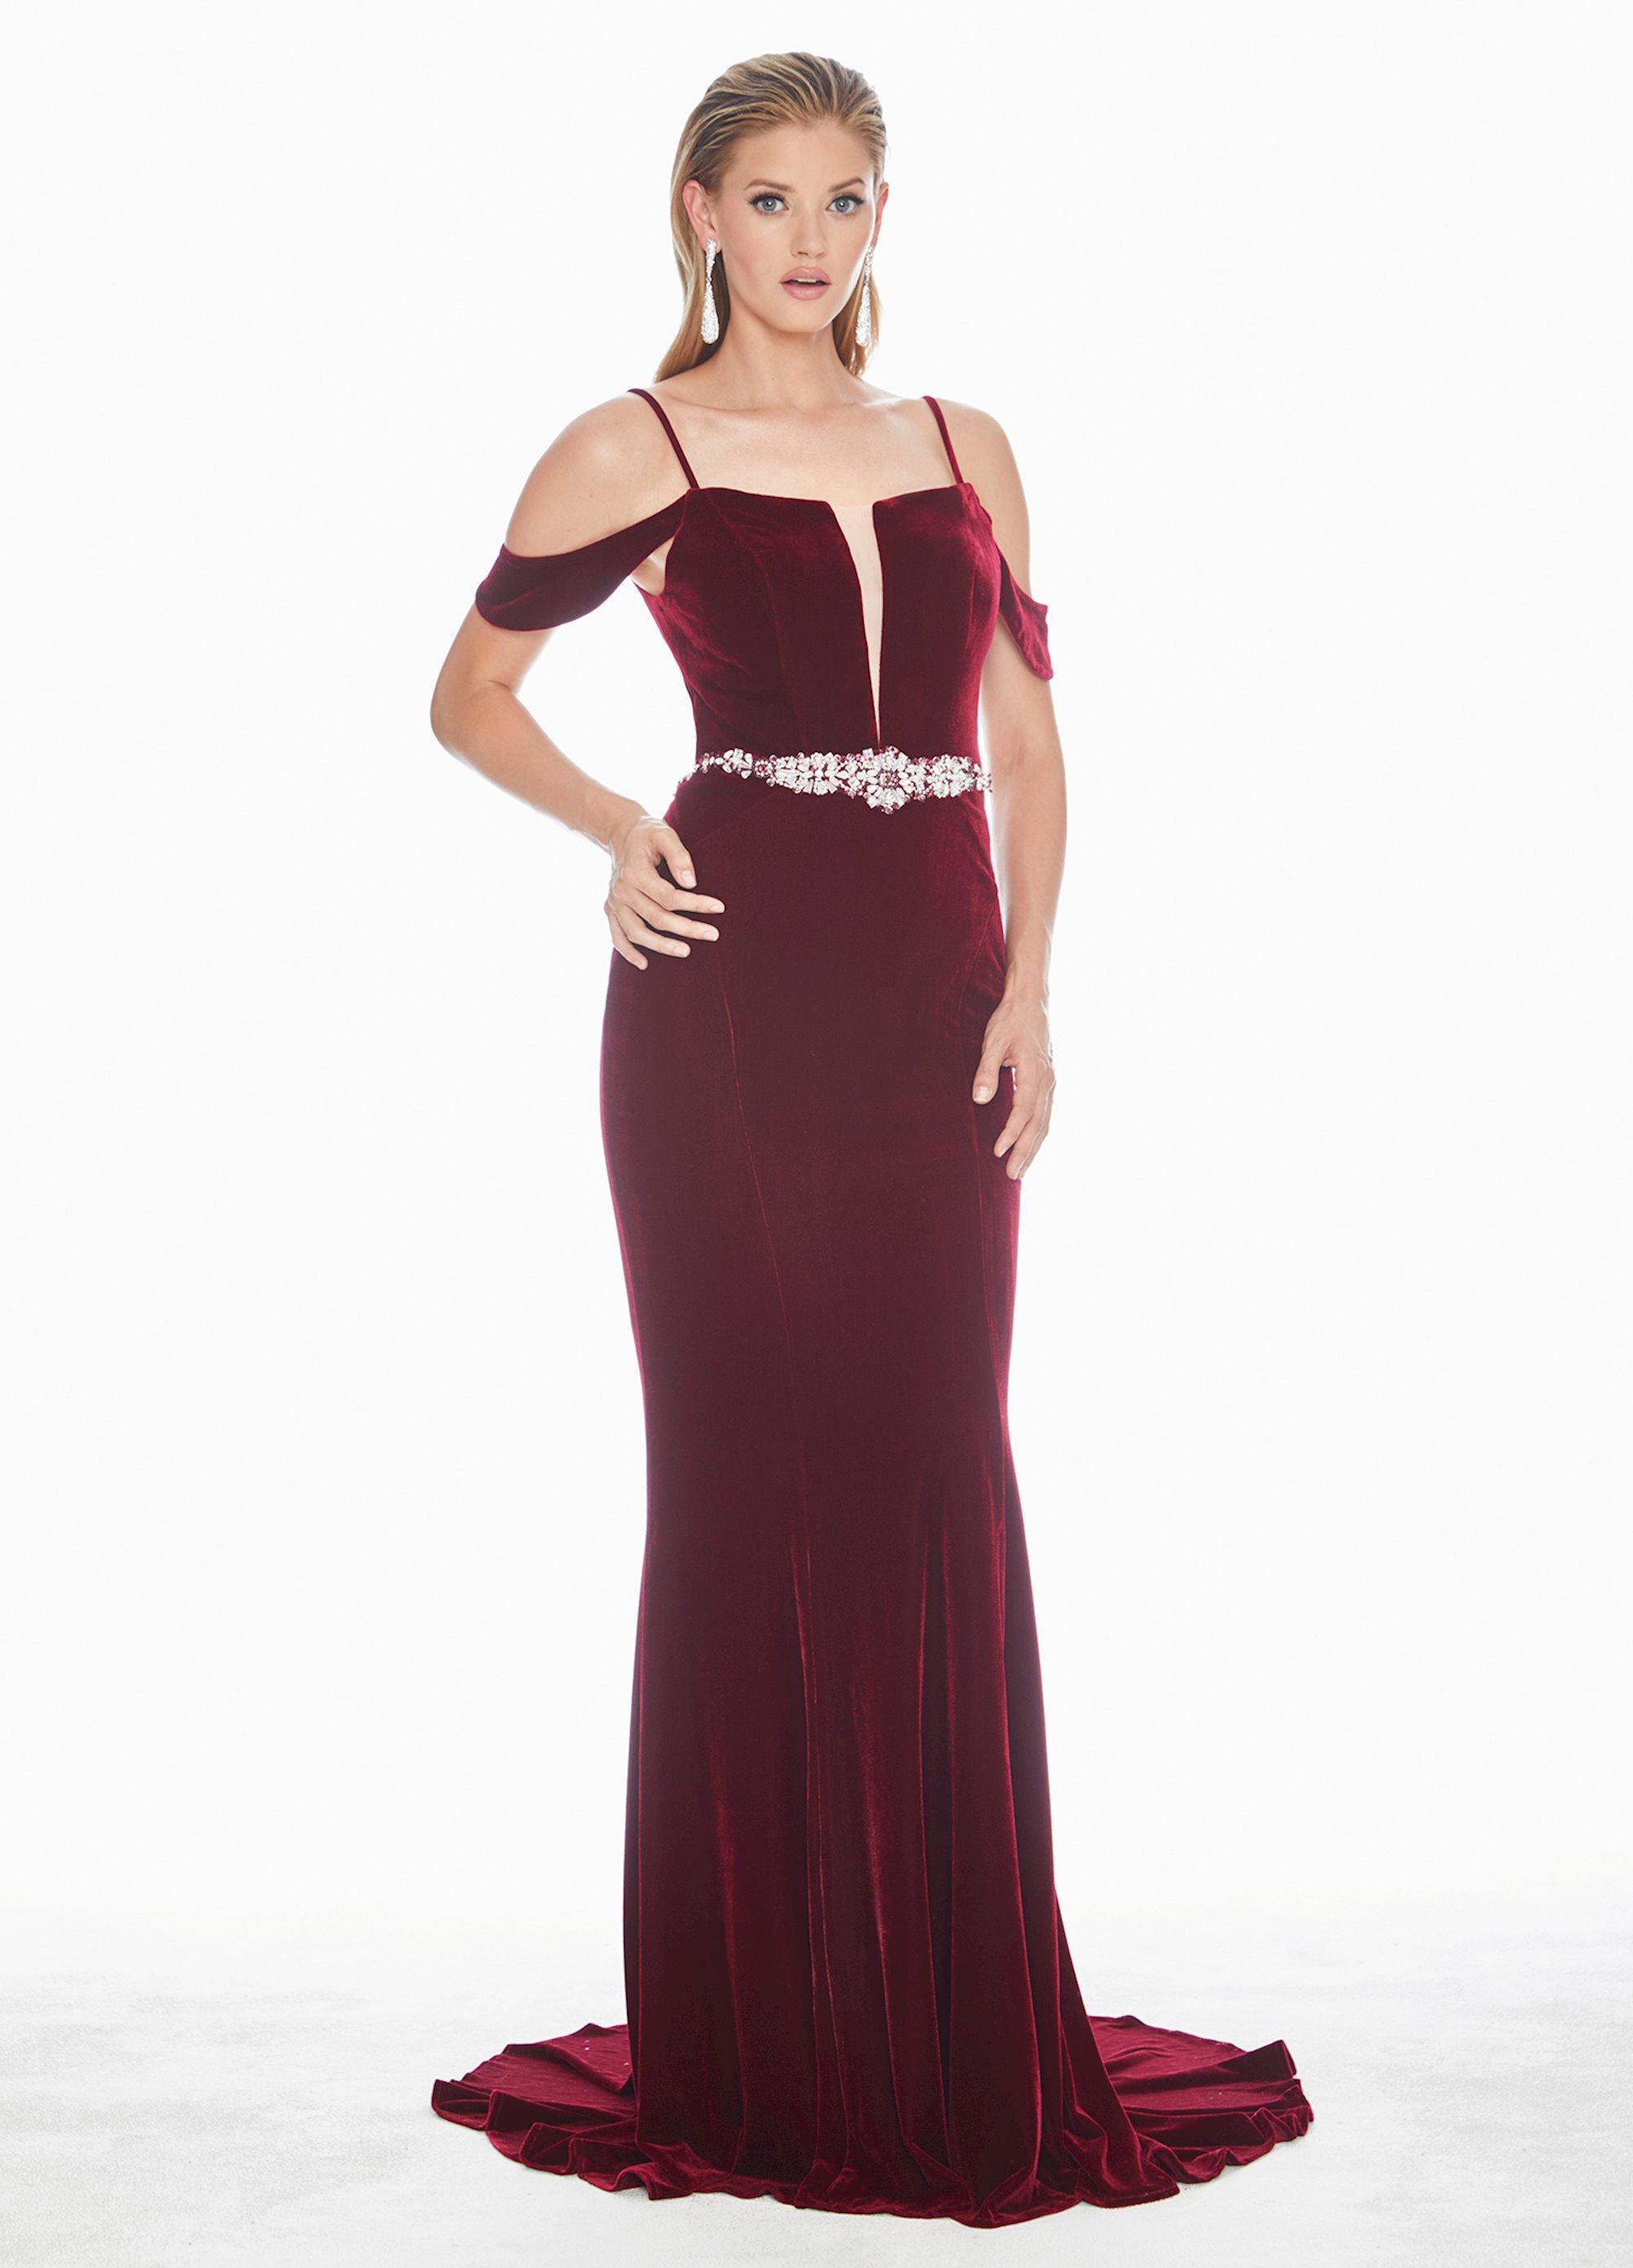 Ashley Lauren Velvet Lace Up Back Evening Dress Ashleylauren